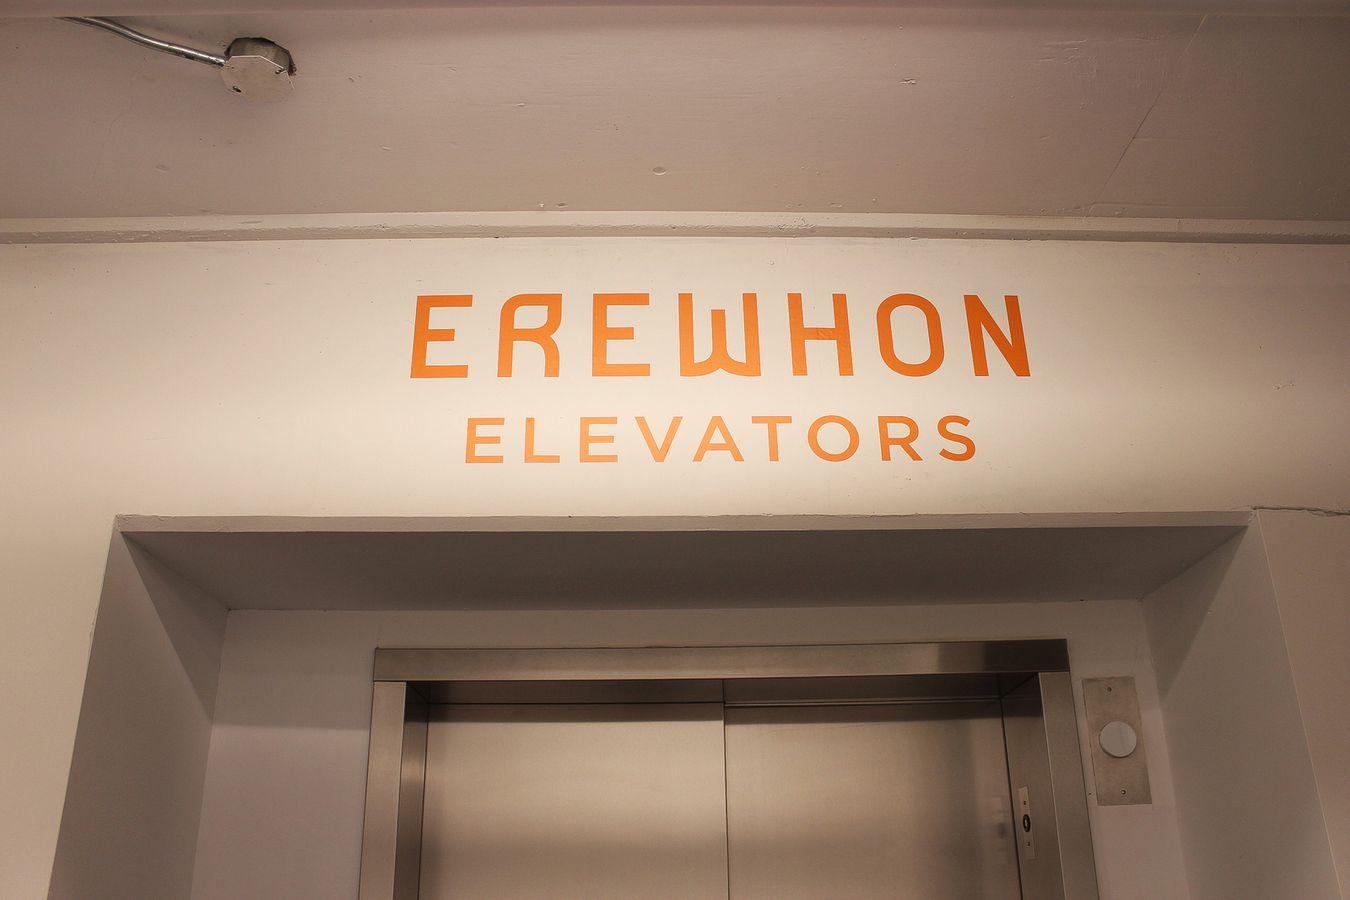 Erewhon elevator sign lettering